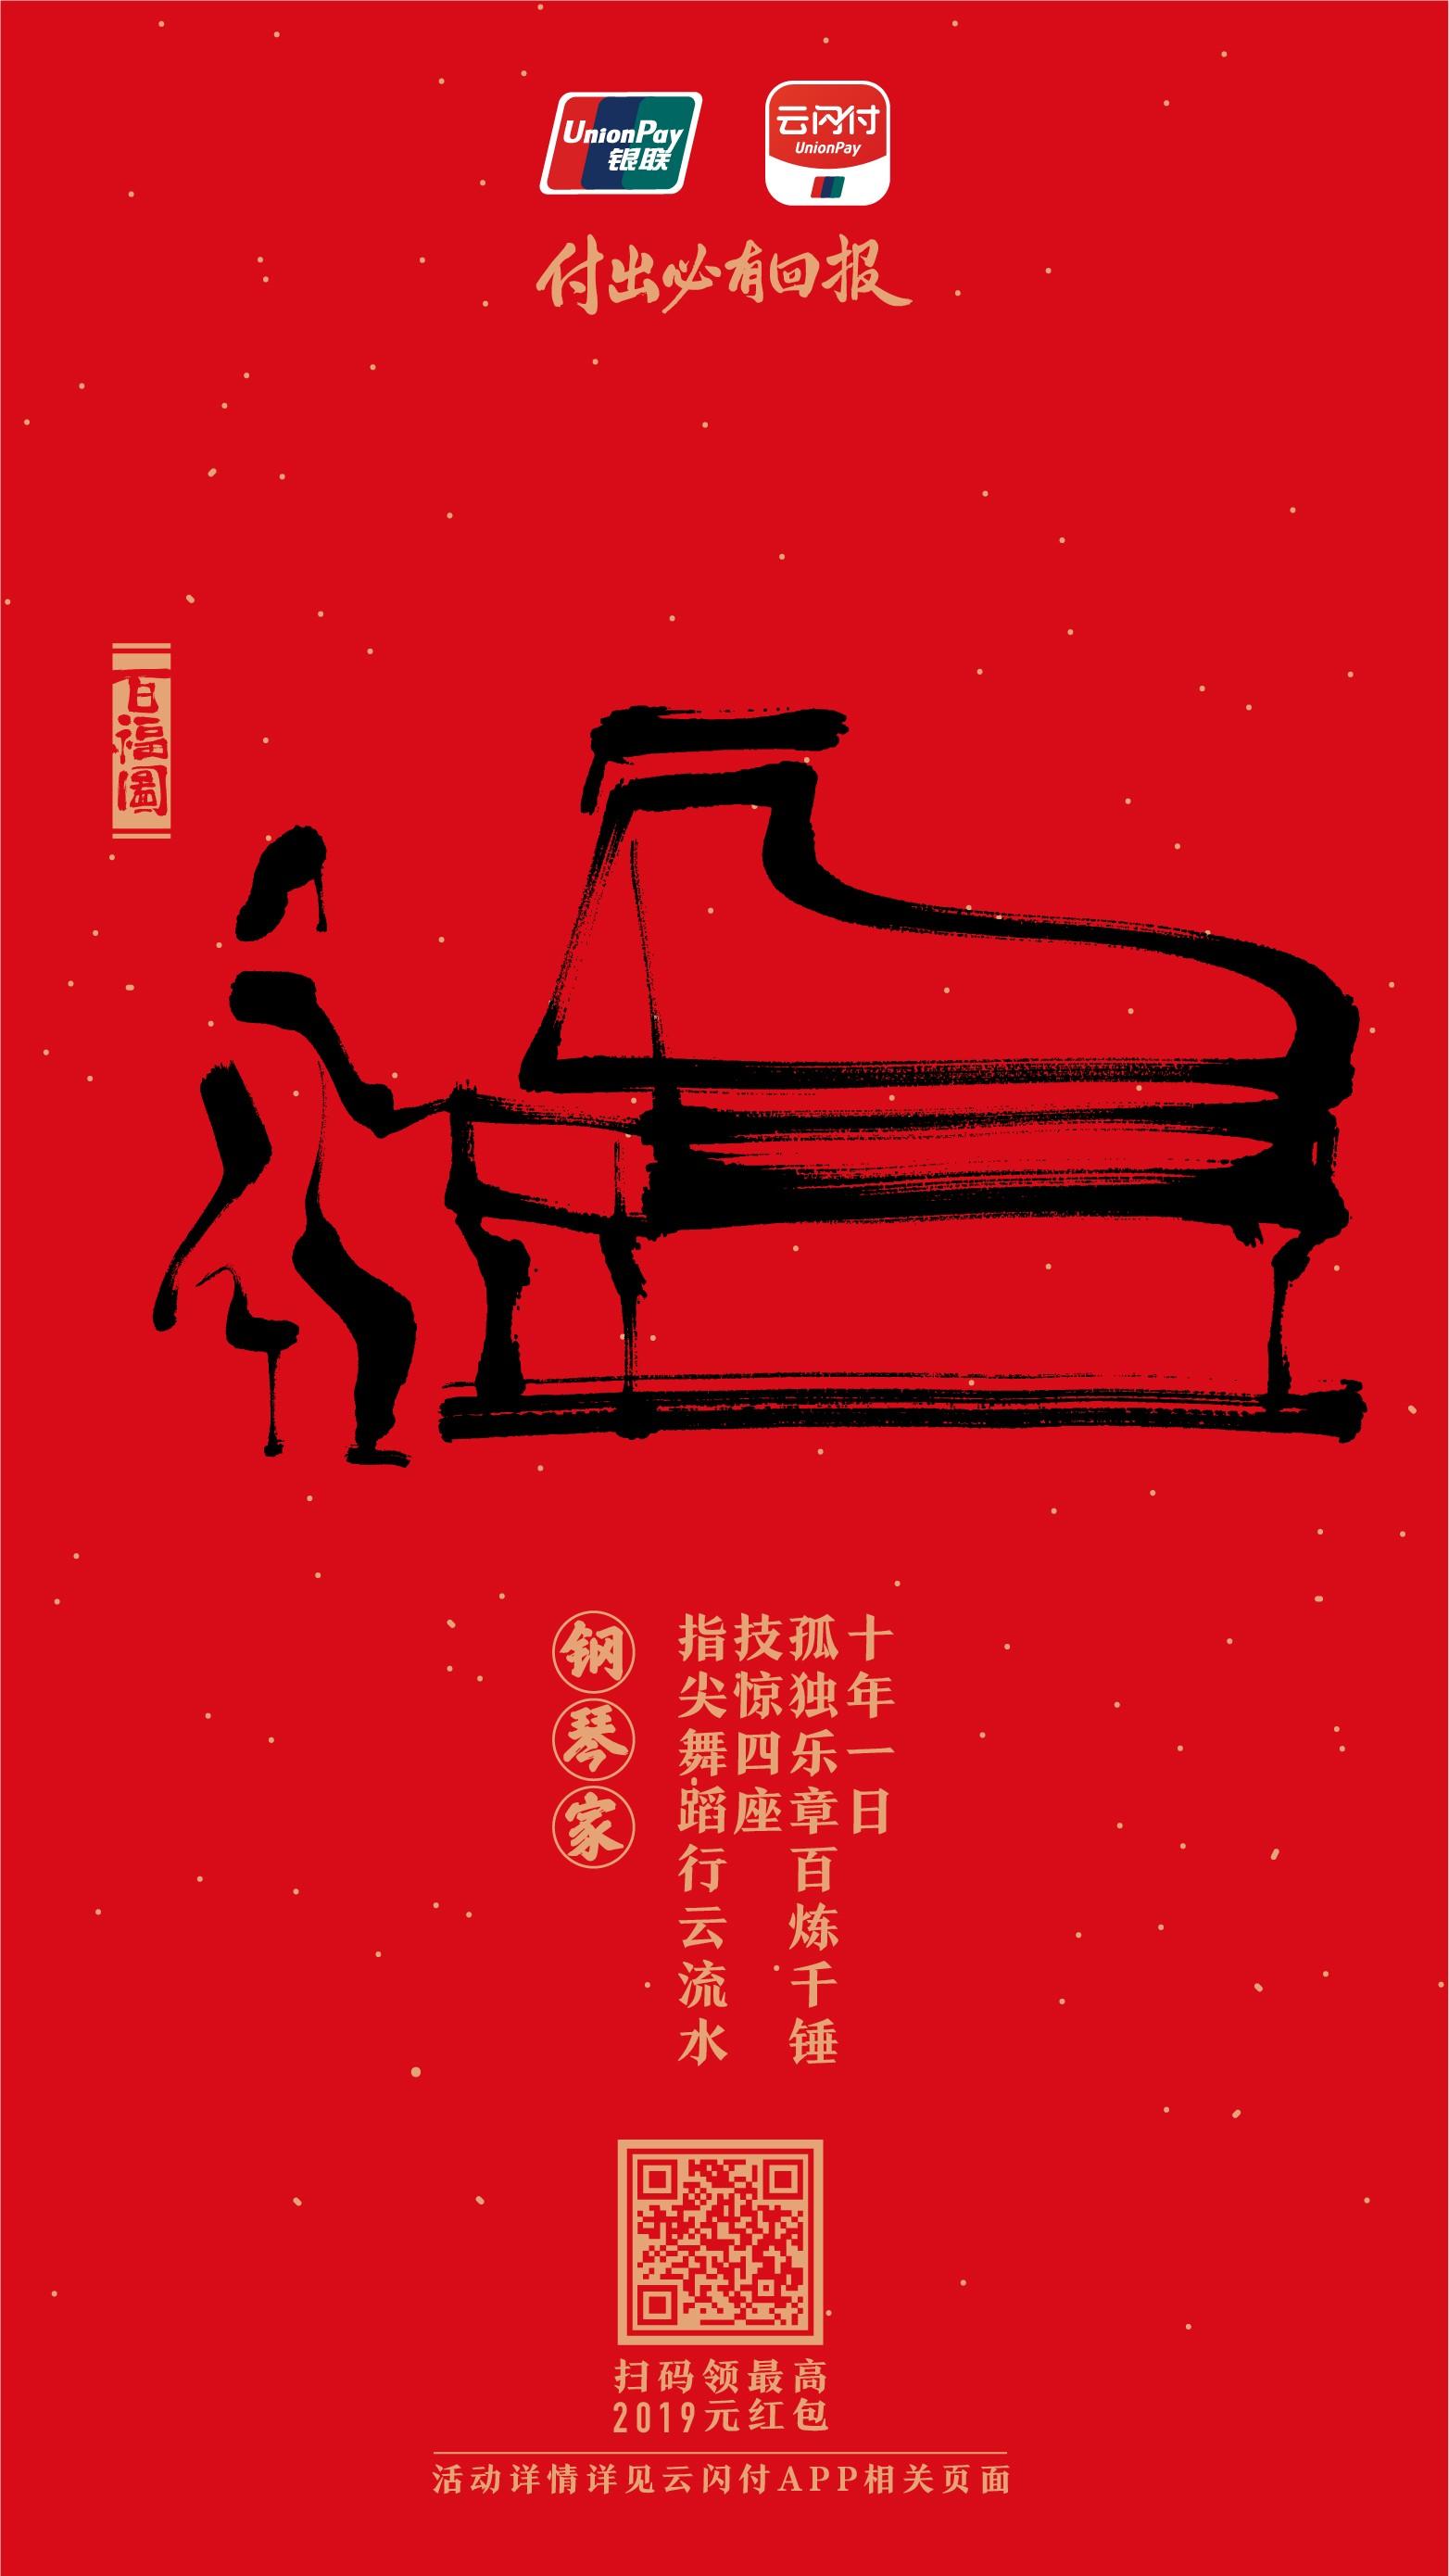 03-钢琴家.jpg